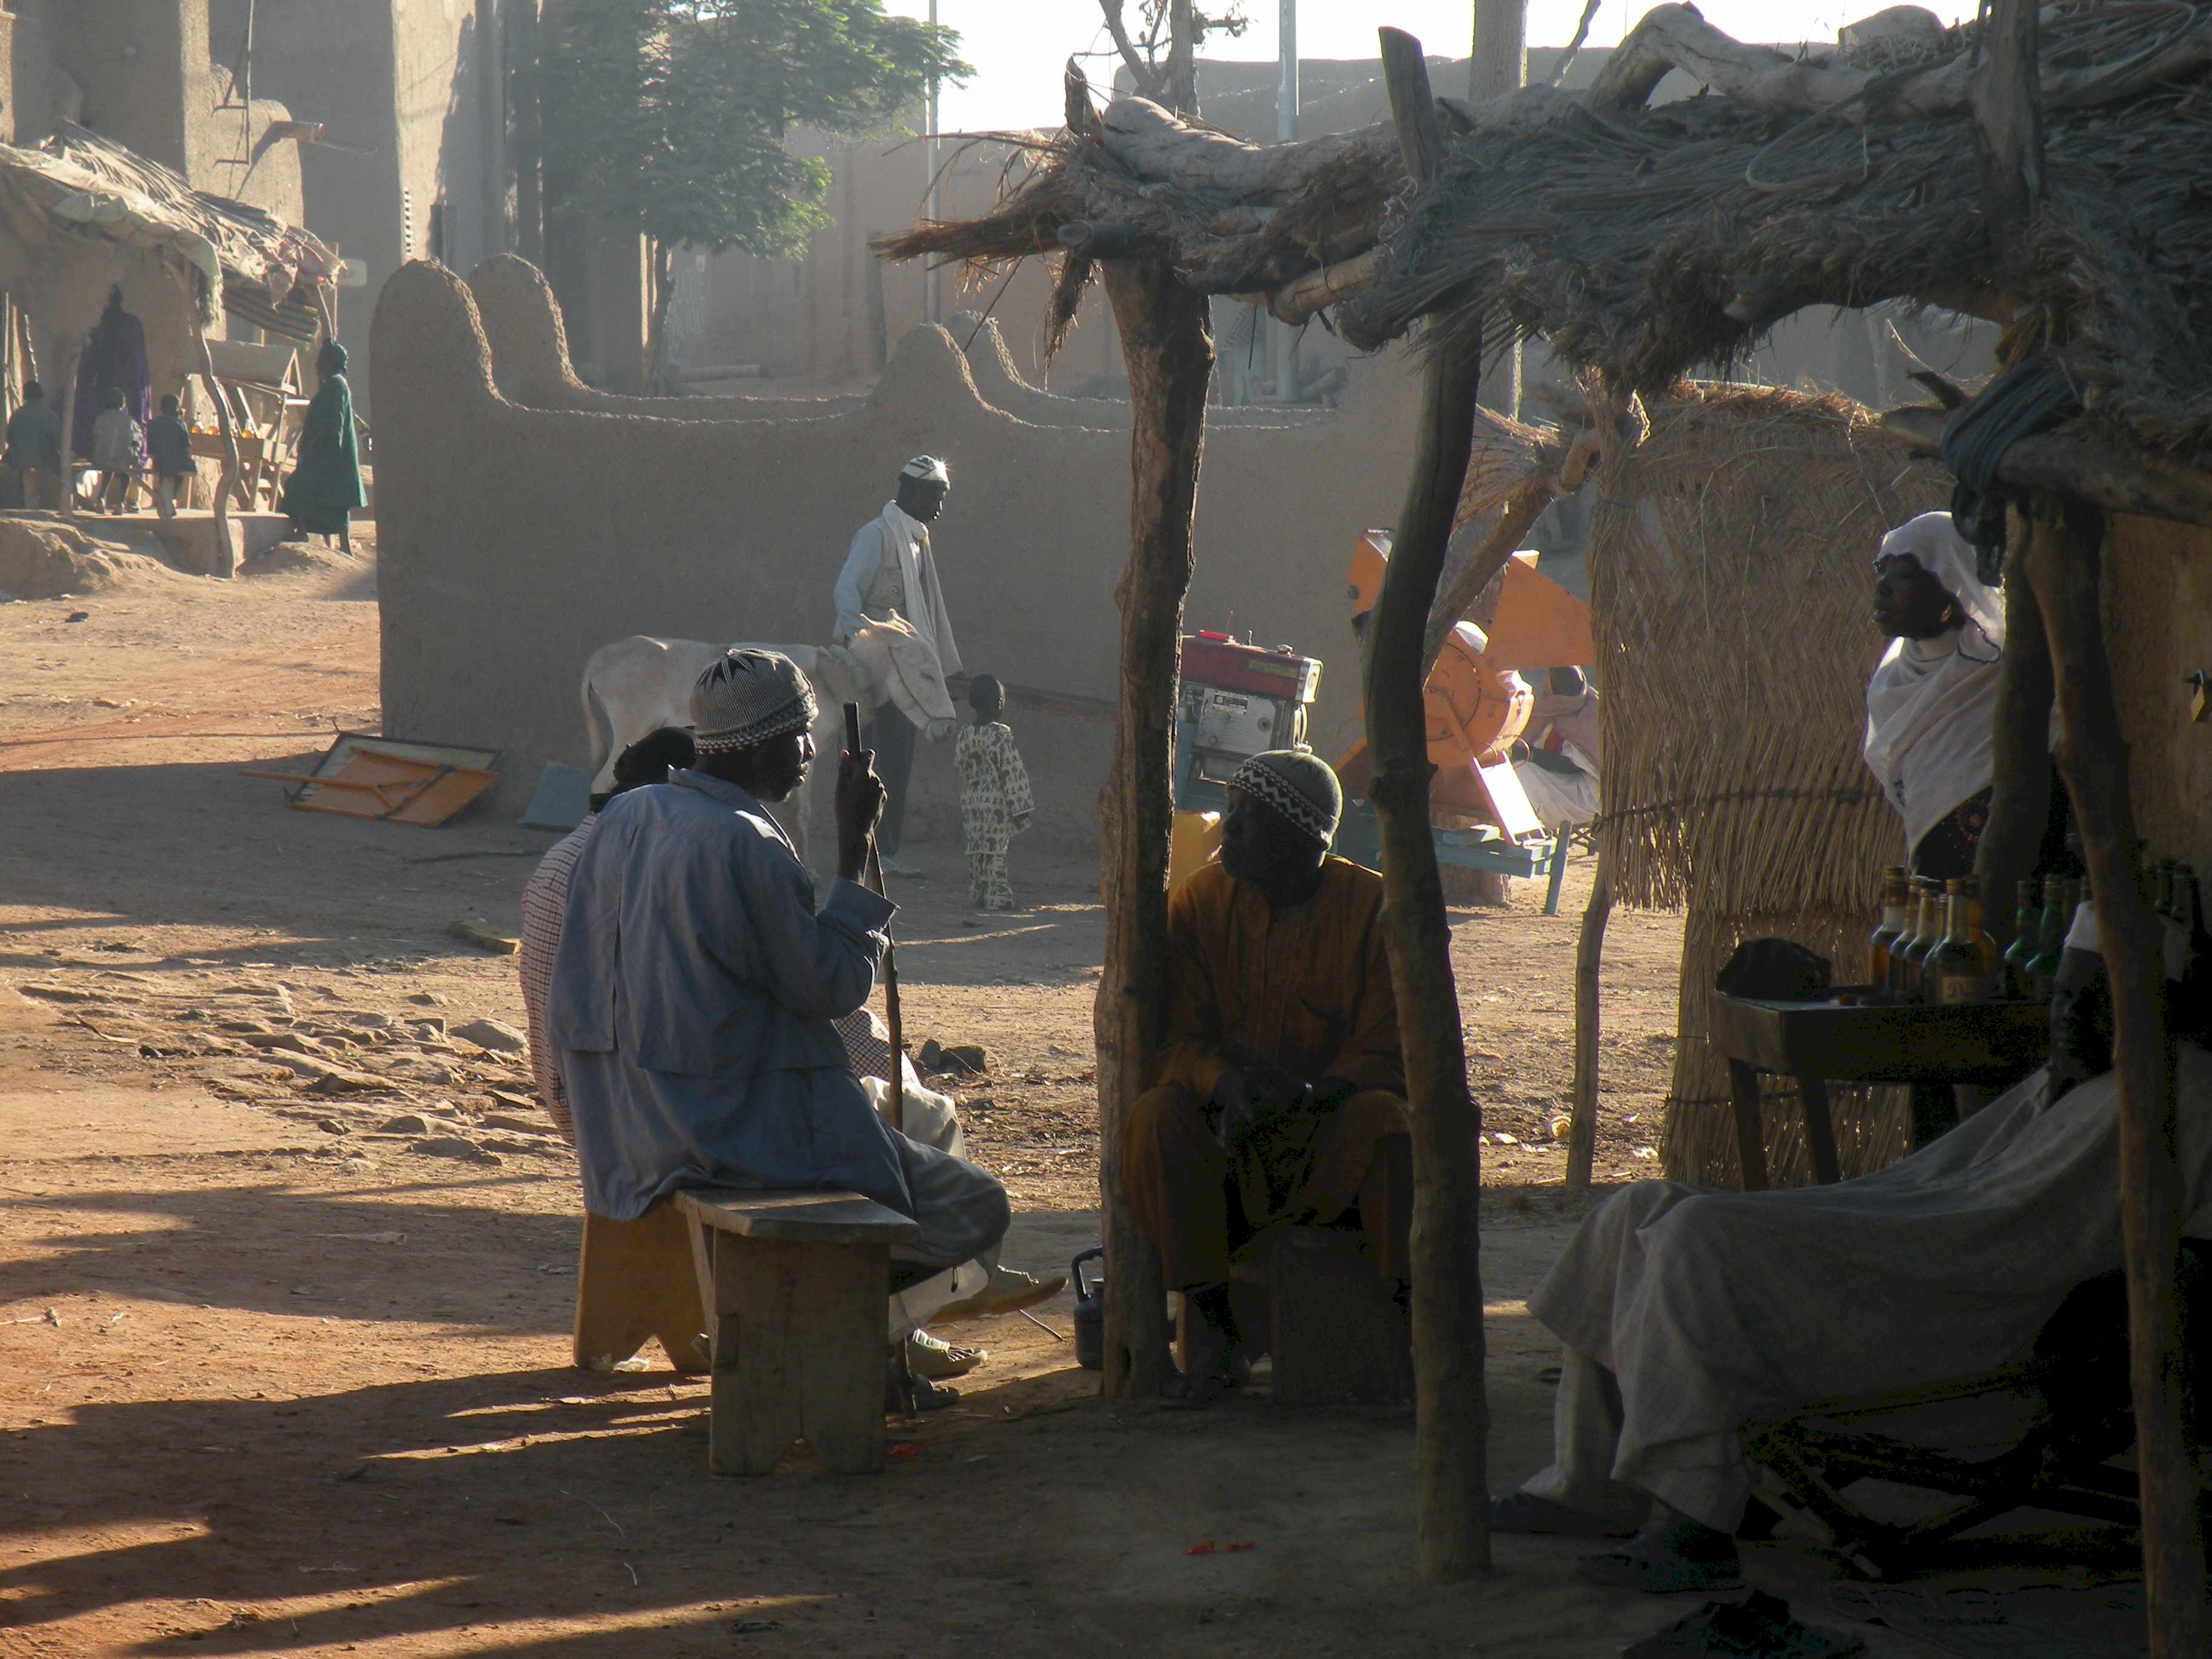 Mali, Diennè-Segou